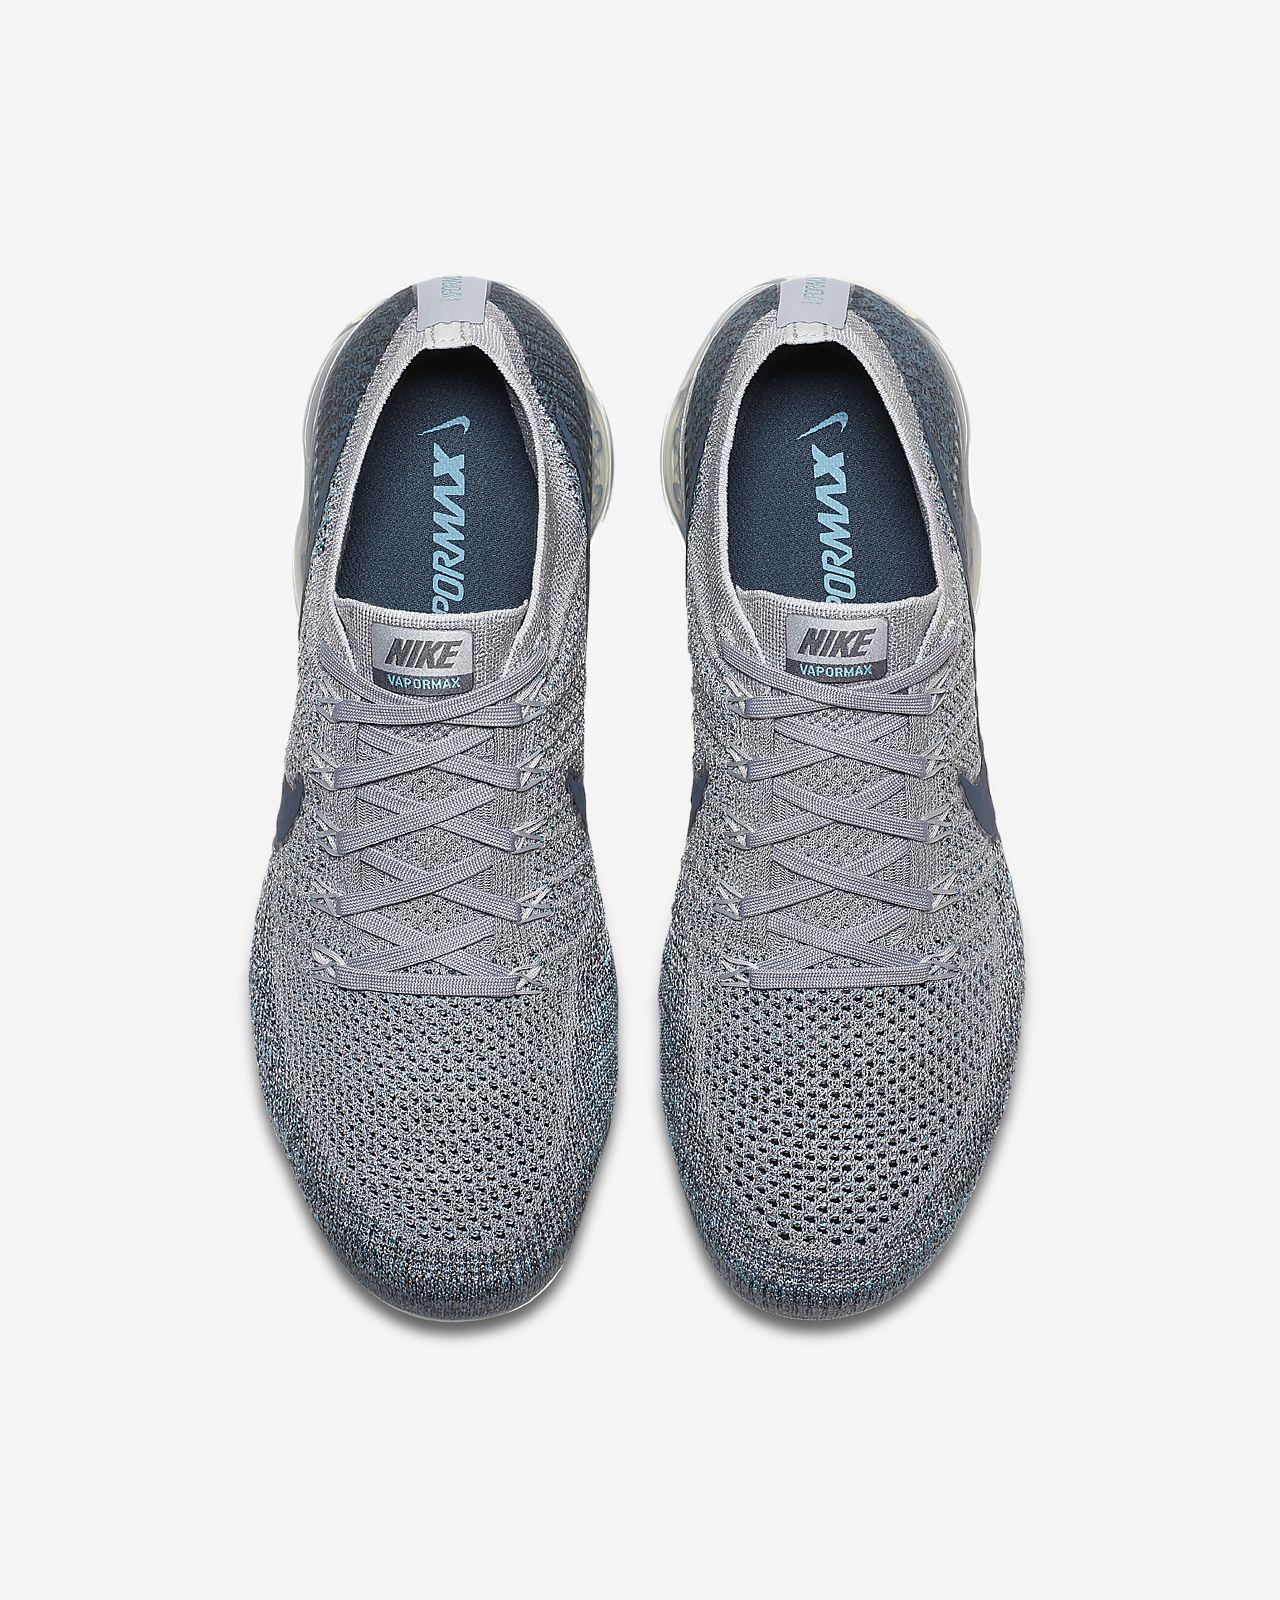 f65bfc0f45da6 Nike Air VaporMax Flyknit Men s Shoe. Nike.com IN